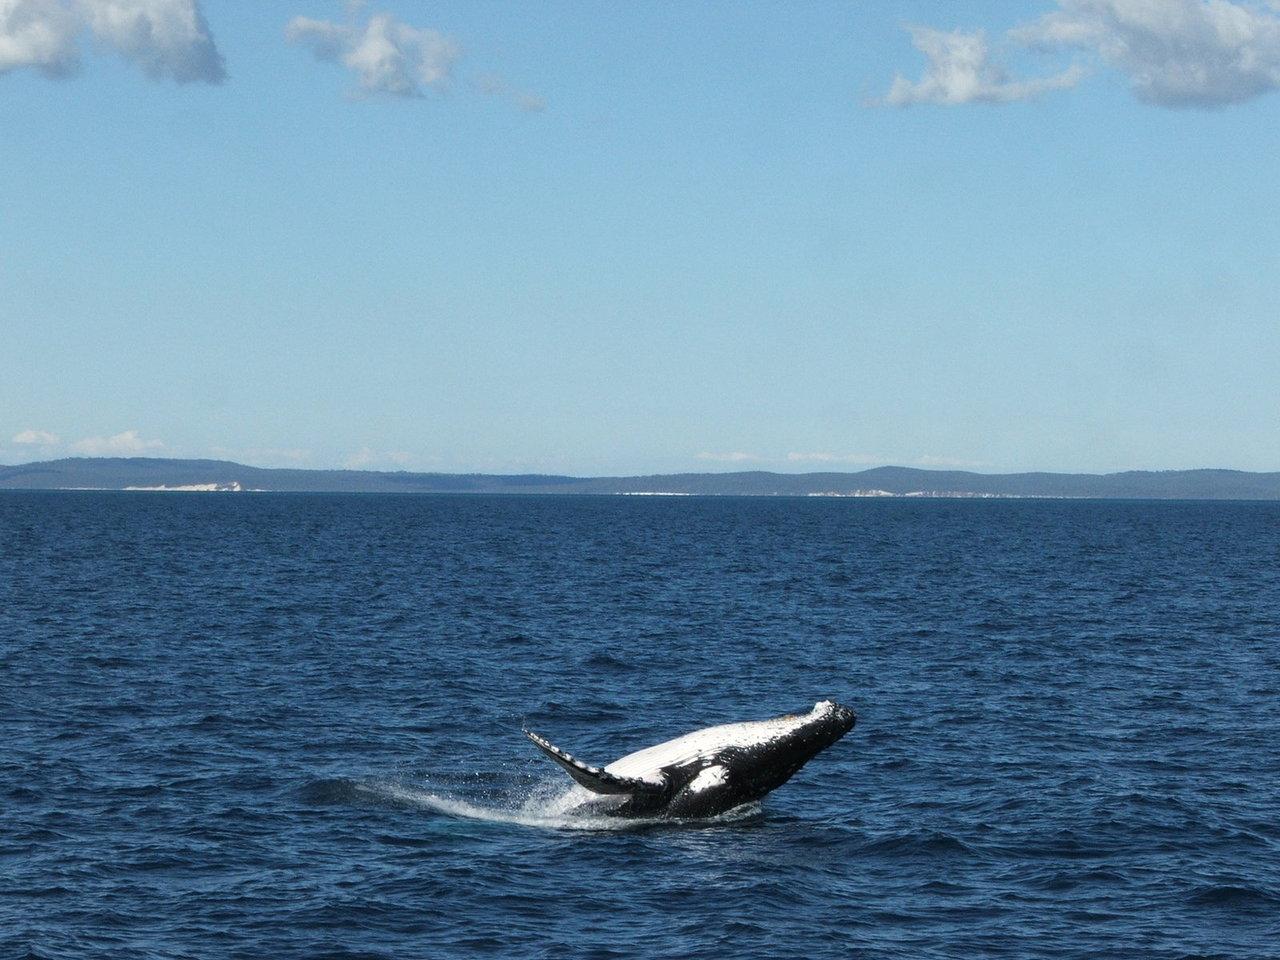 whale-1371145-1280x960